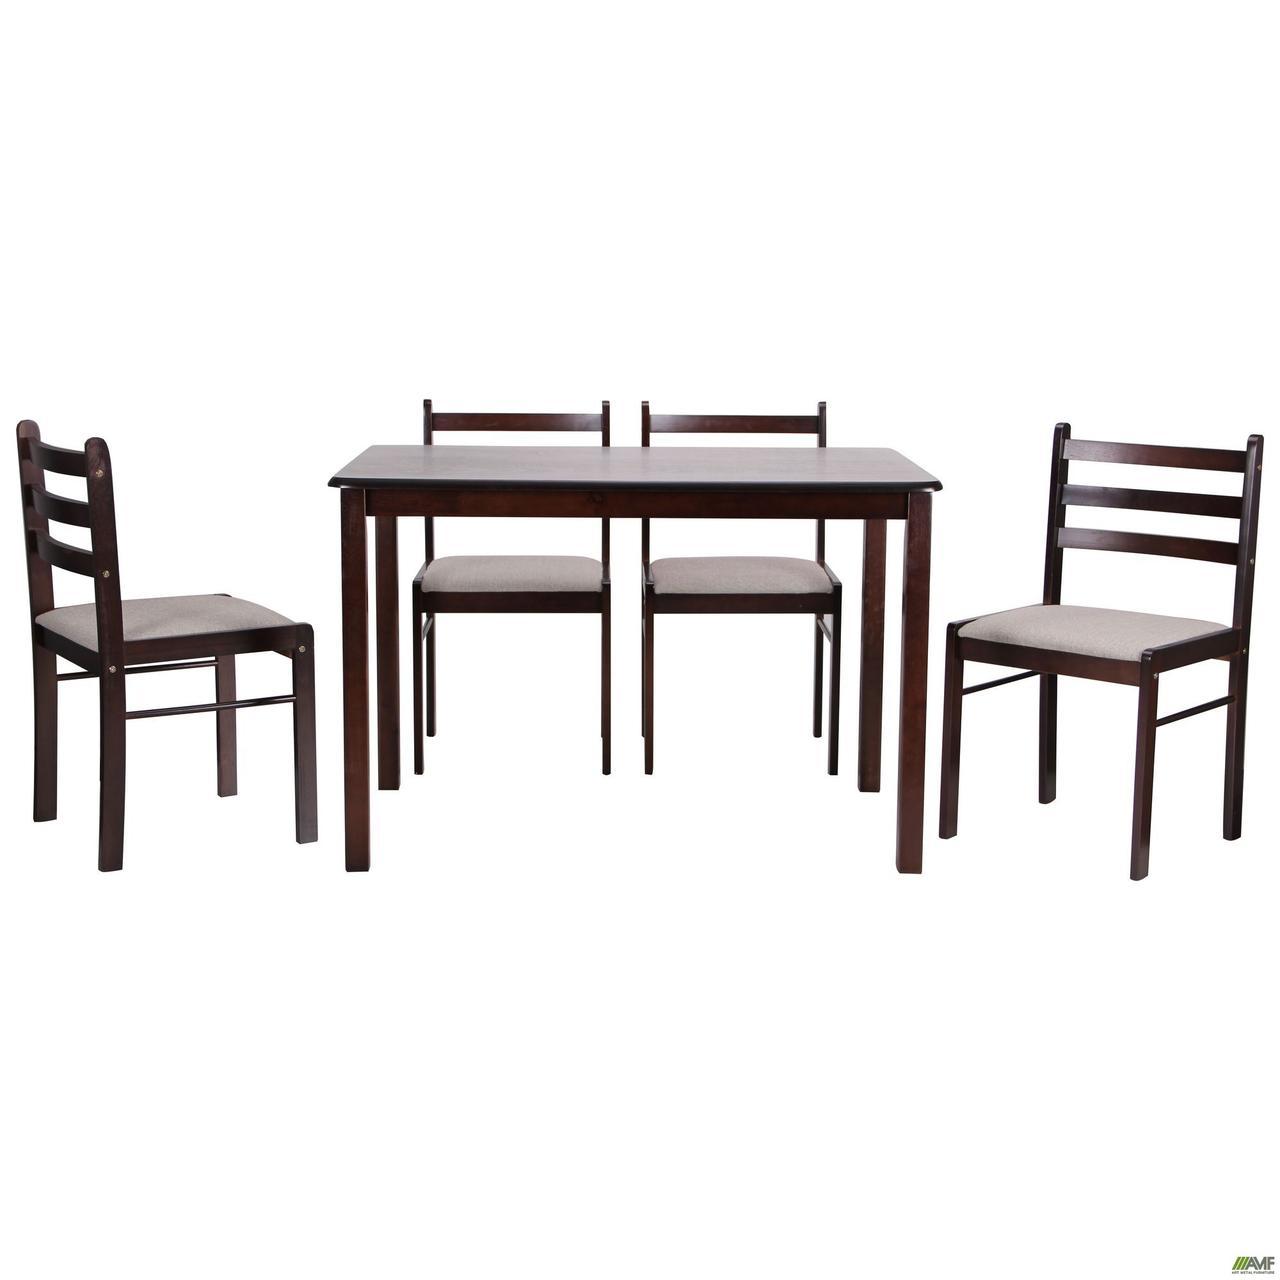 Обеденная группа Брауни темный шоколад латте, стол и 4 стула